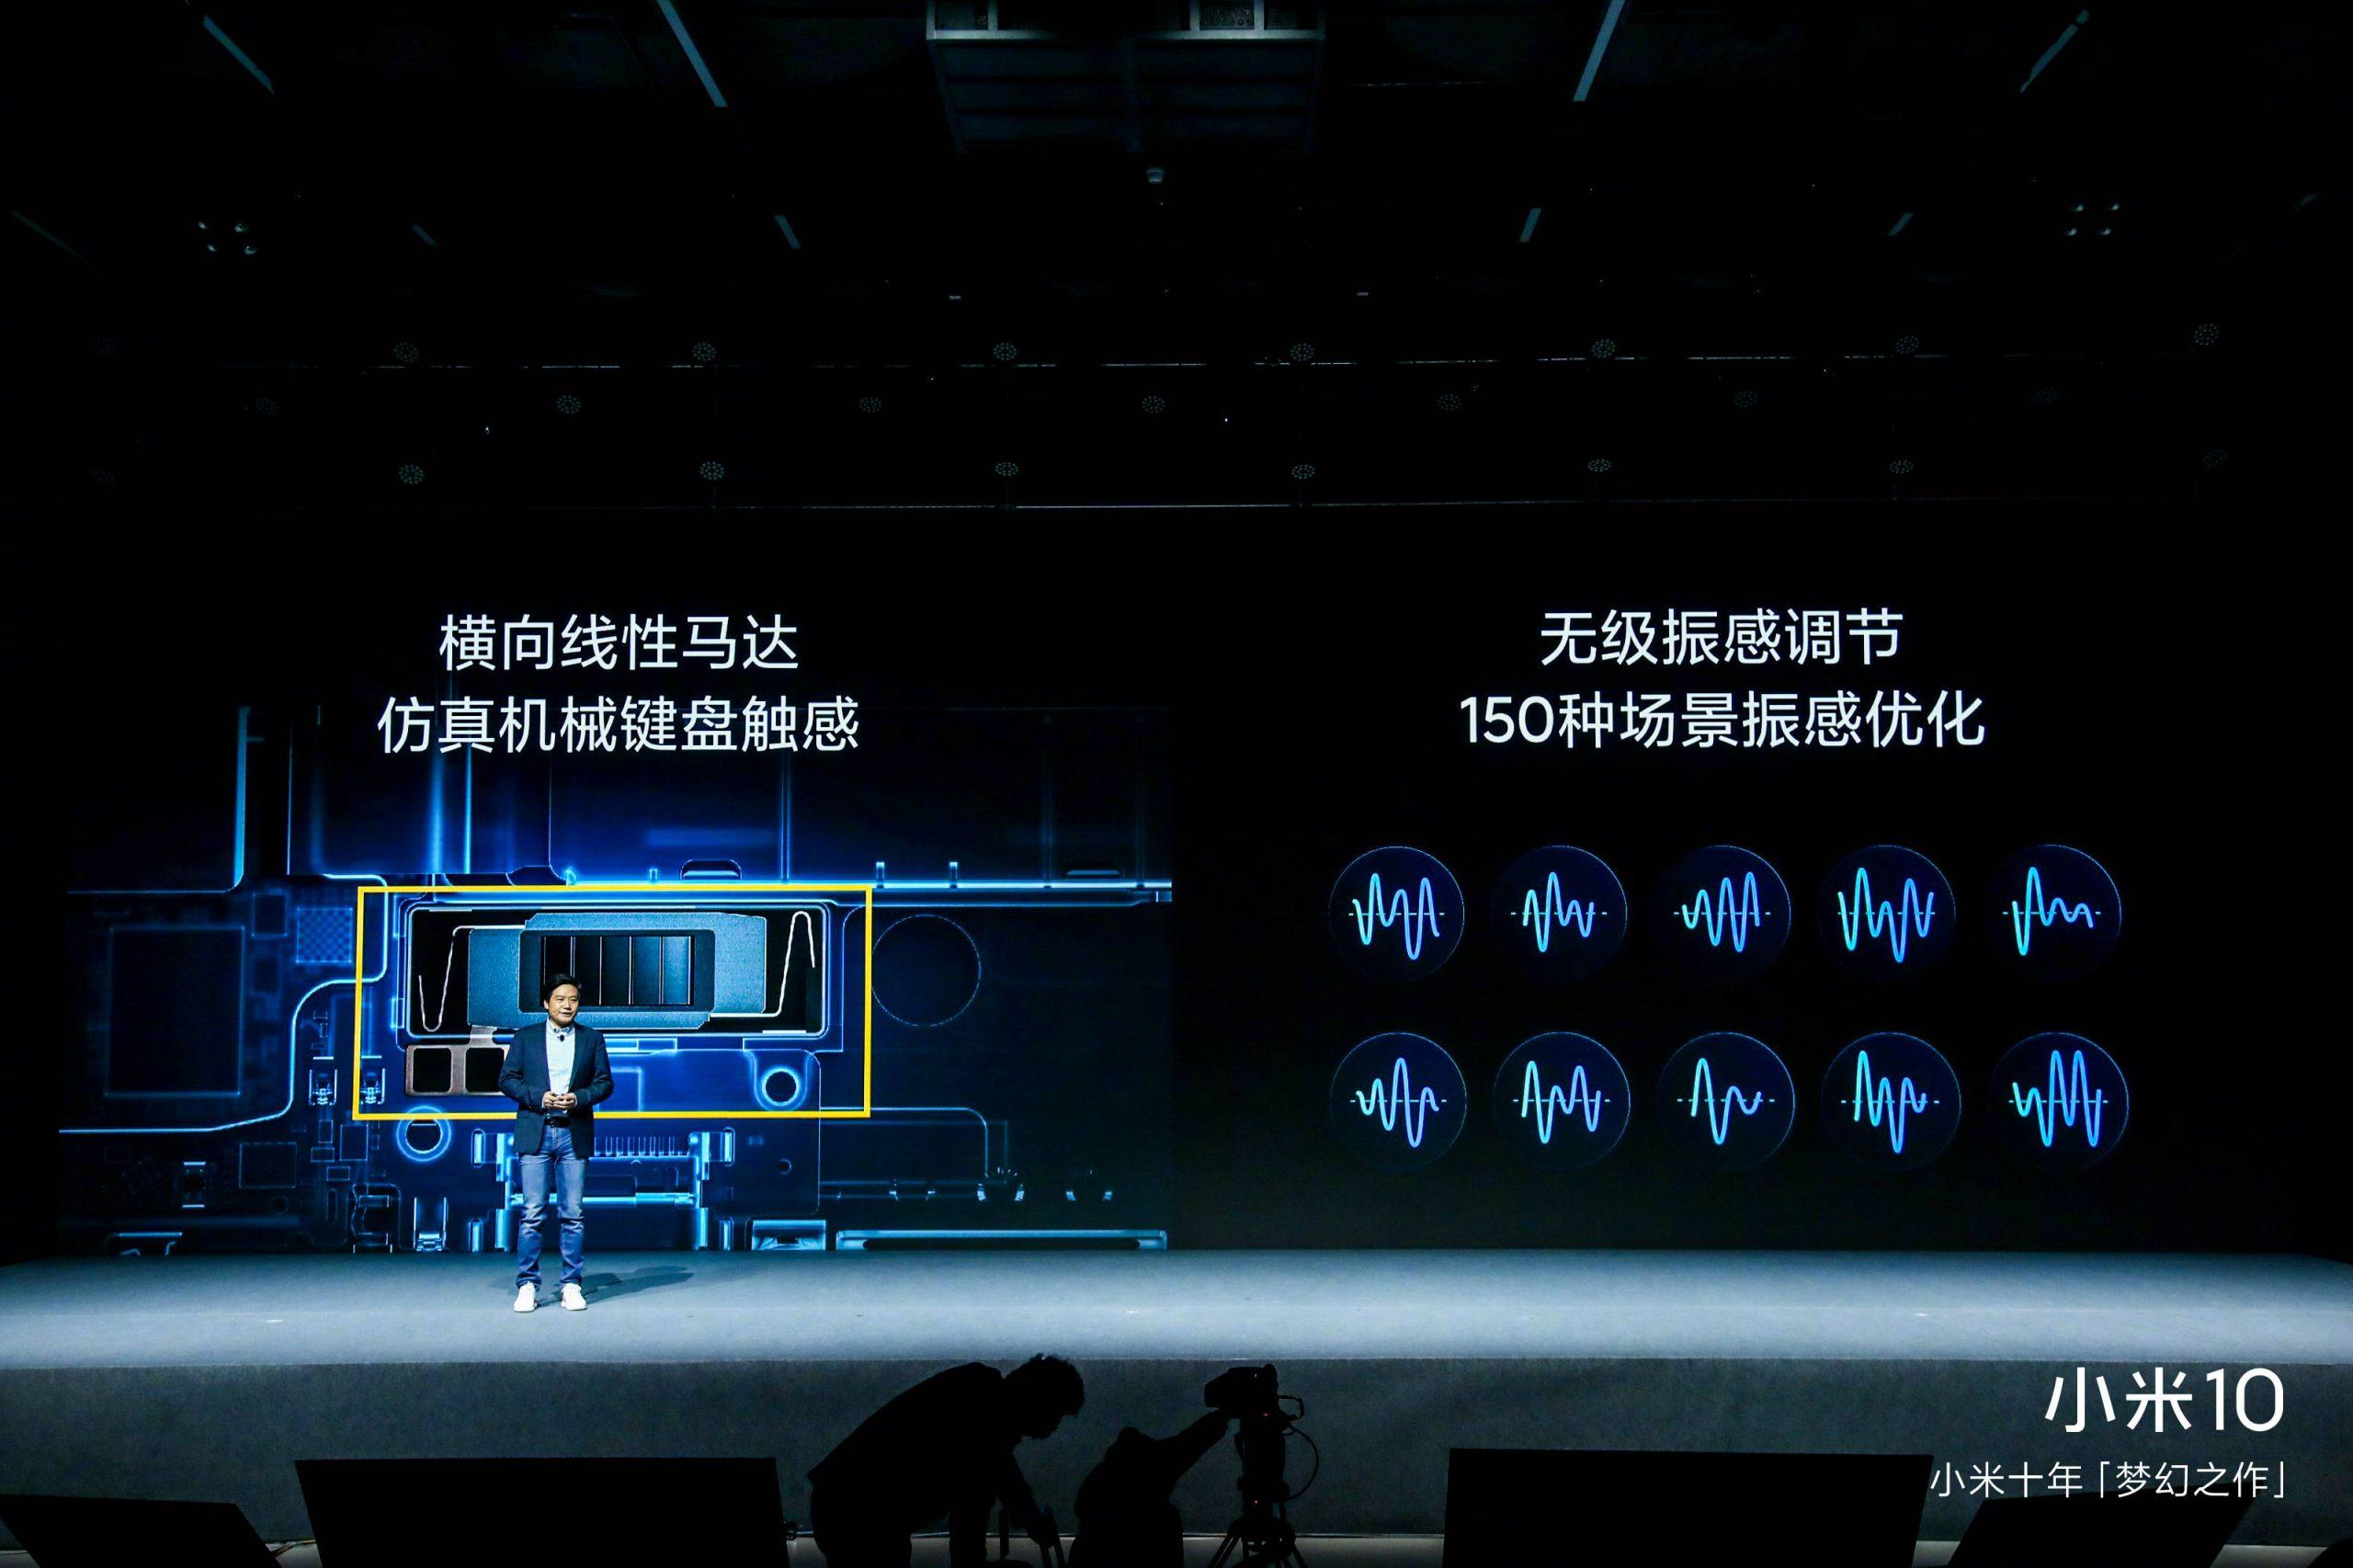 Así funciona la tecnología «Taptic Engine» del nuevo Xiaomi Mi 10 capaz de simular todo tipo de sensaciones hápticas. Noticias Xiaomi Adictos